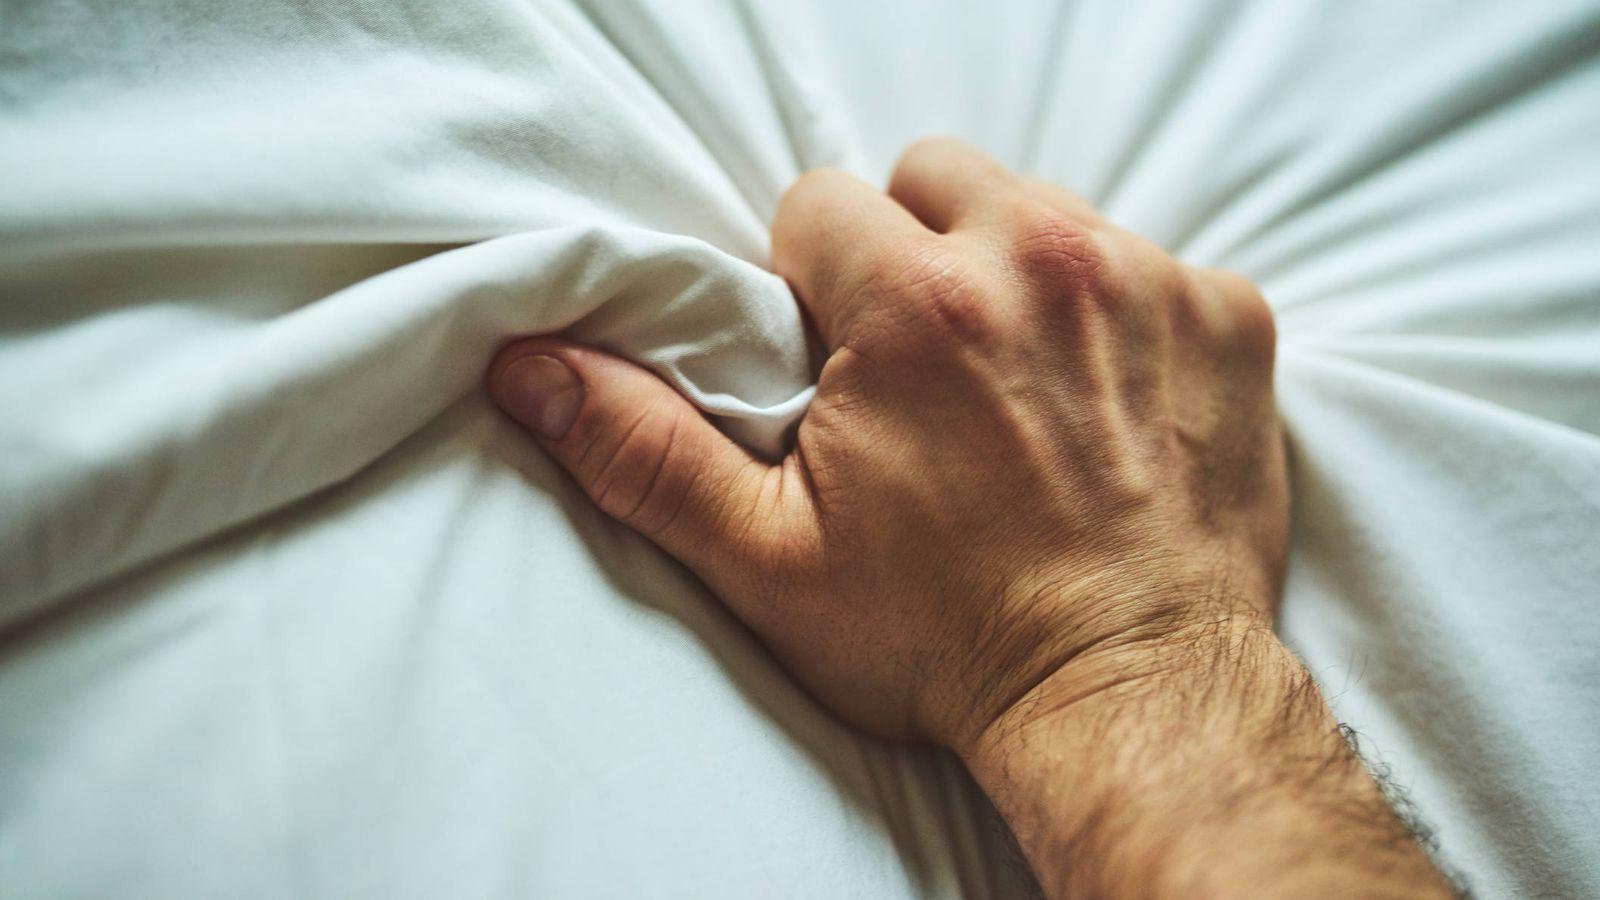 Canal Porno Orgasmos Hombred sexo: los dos tipos de orgasmo que tienen los hombres (y uno